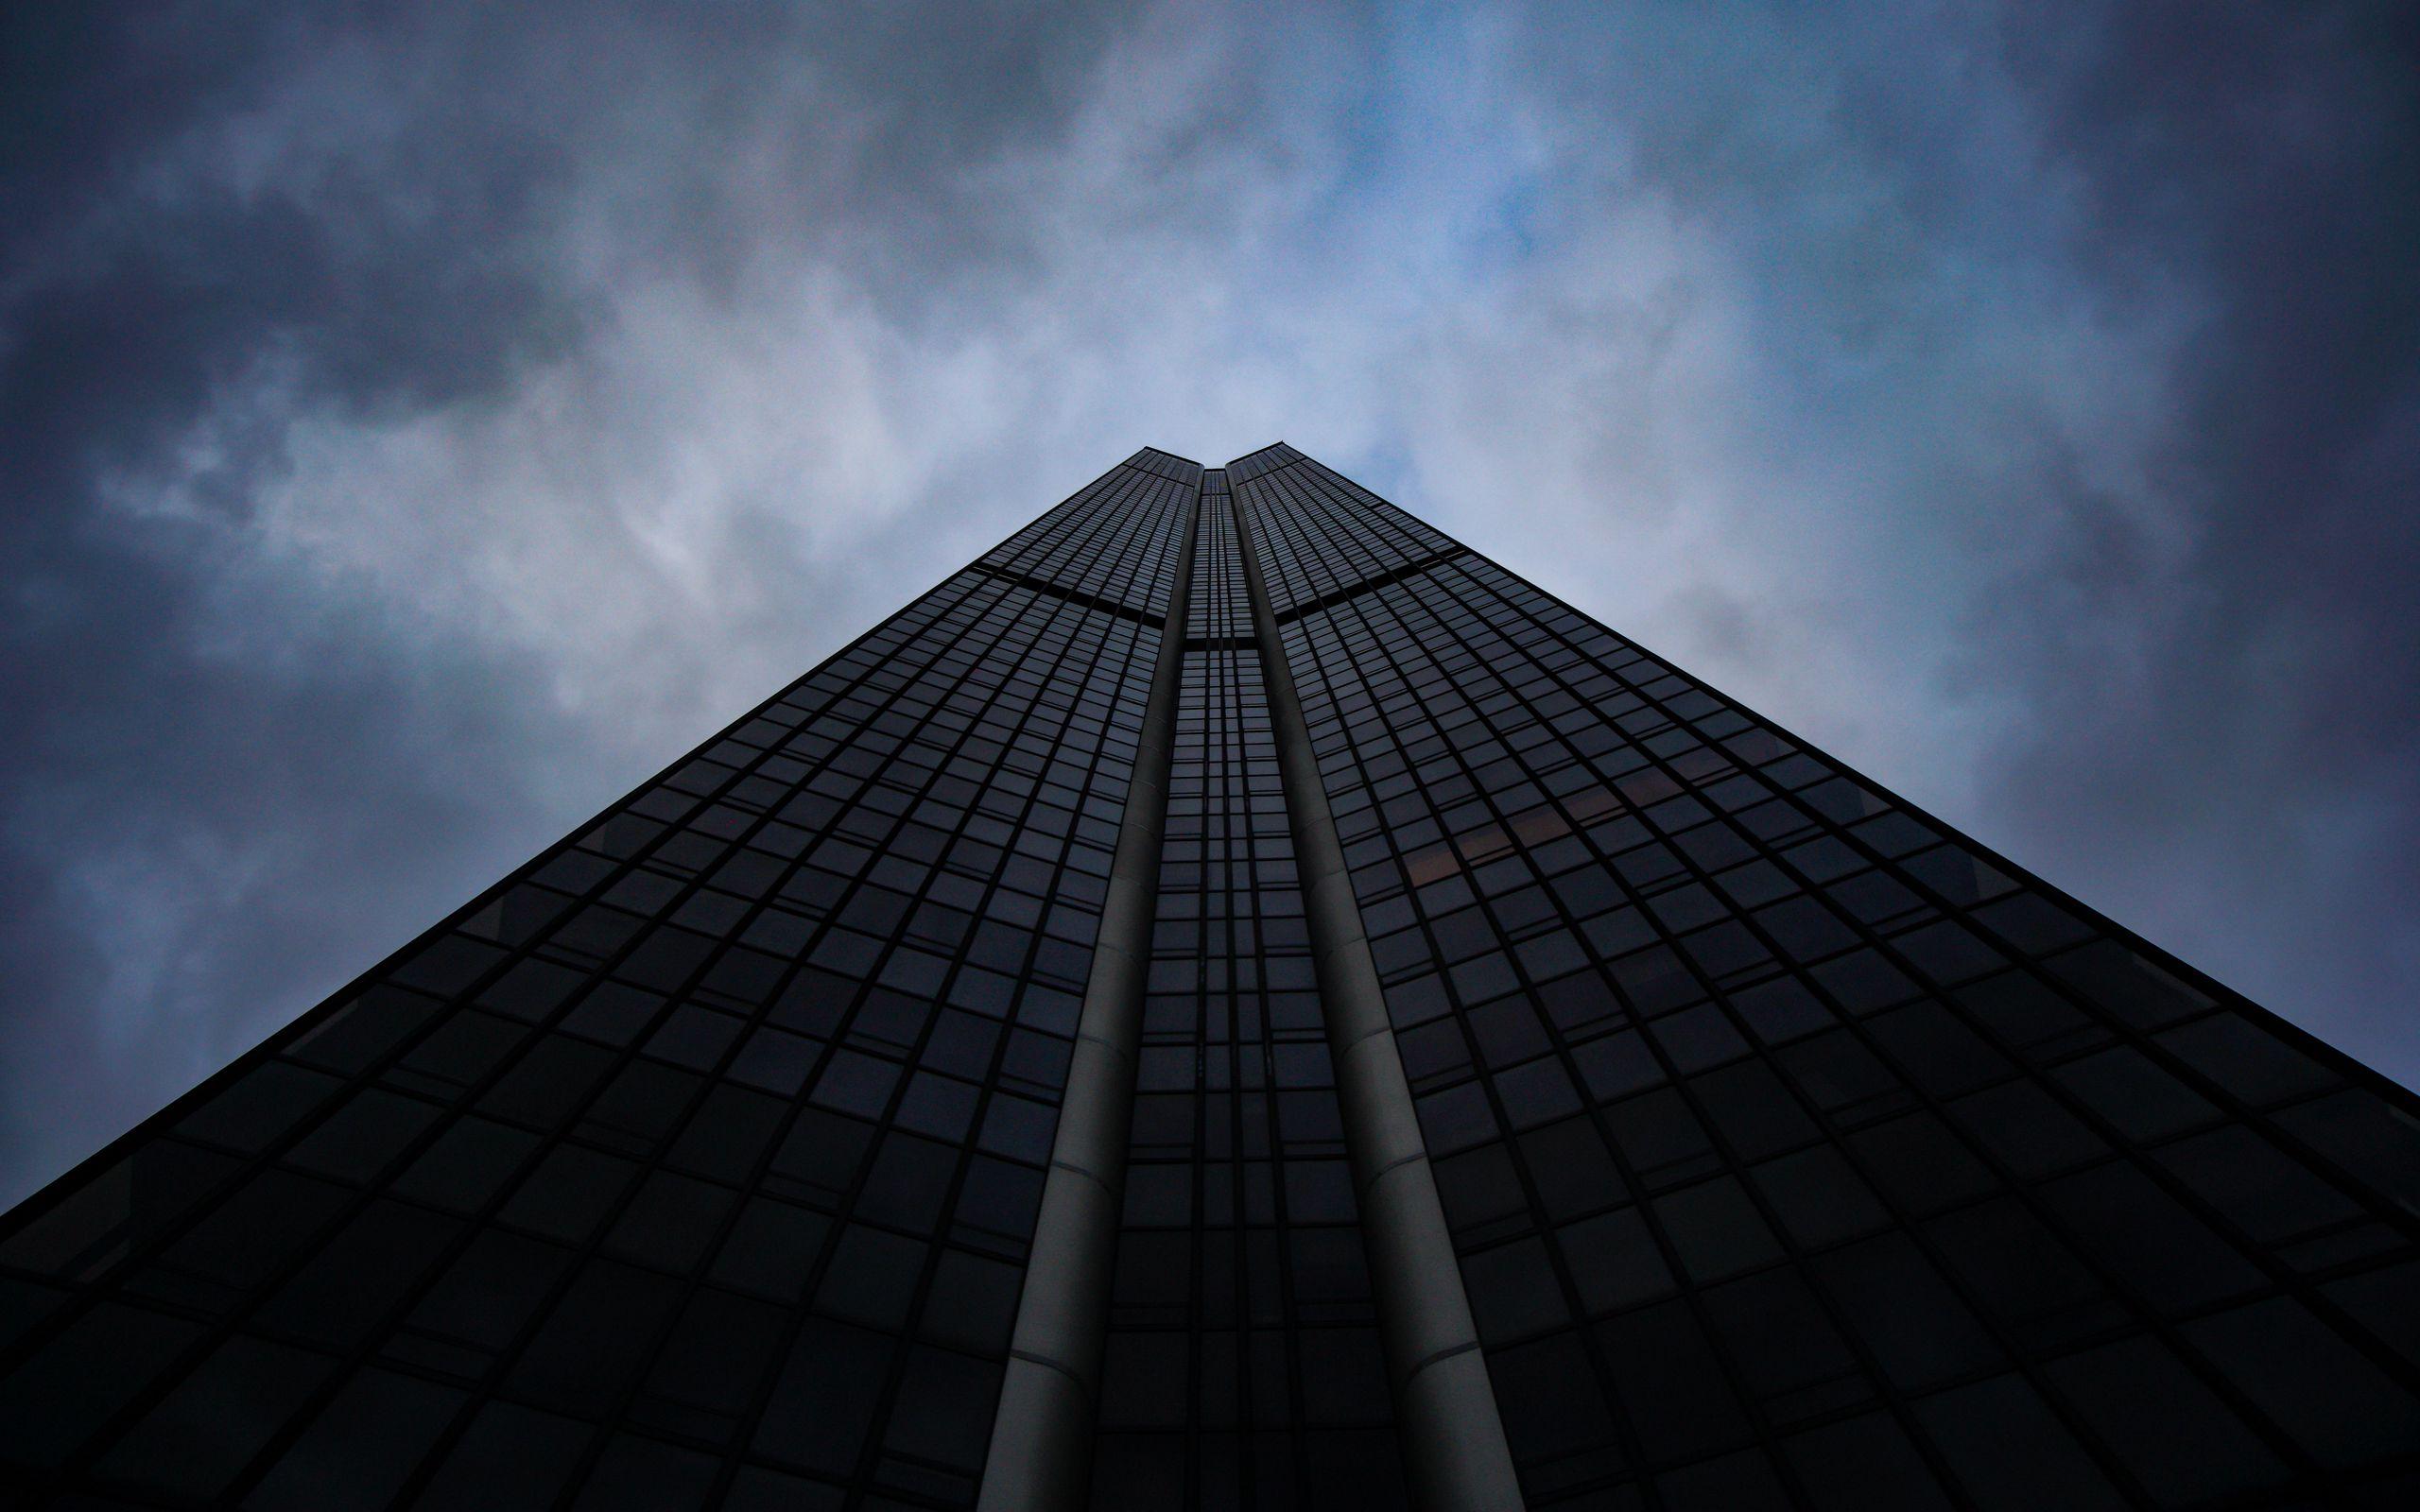 2560x1600 Wallpaper skyscraper, building, architecture, sky, bottom view